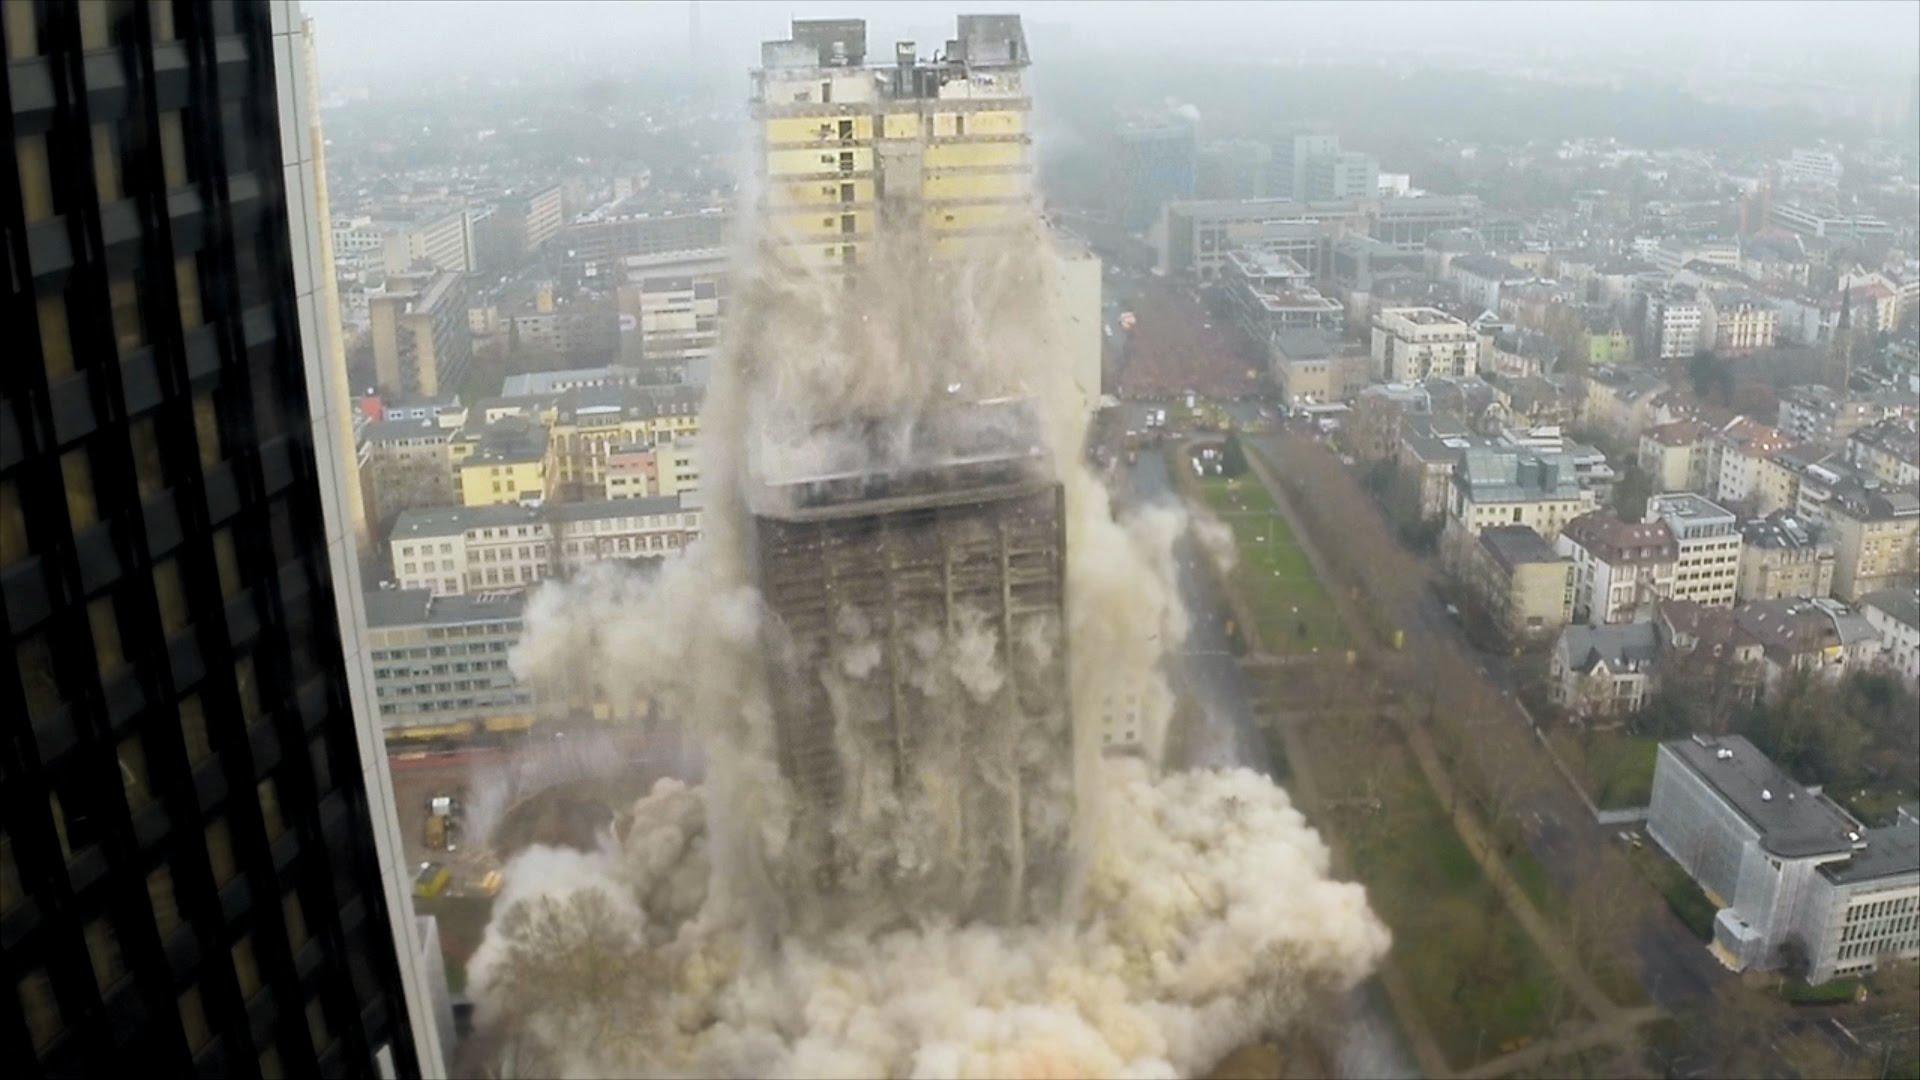 إزالة مبنى جامعي بألمانيا في ثوانٍ